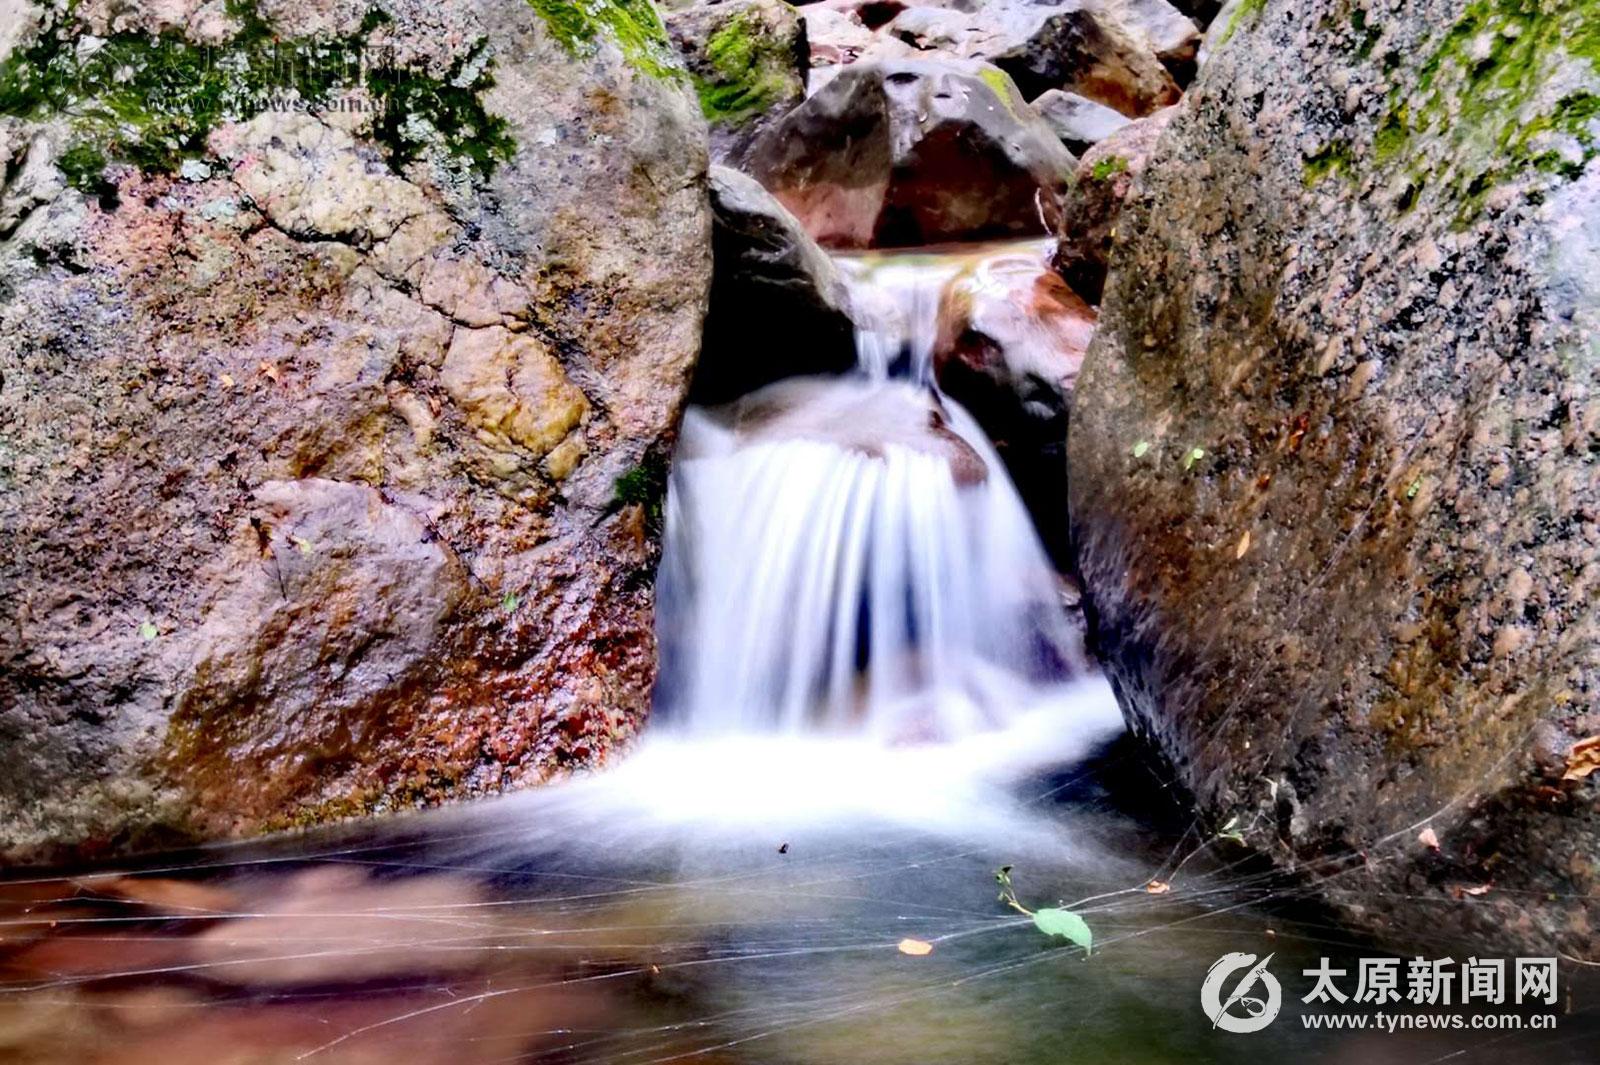 灵石红崖峡谷:太岳之巅观云海 幽静深谷听青溪